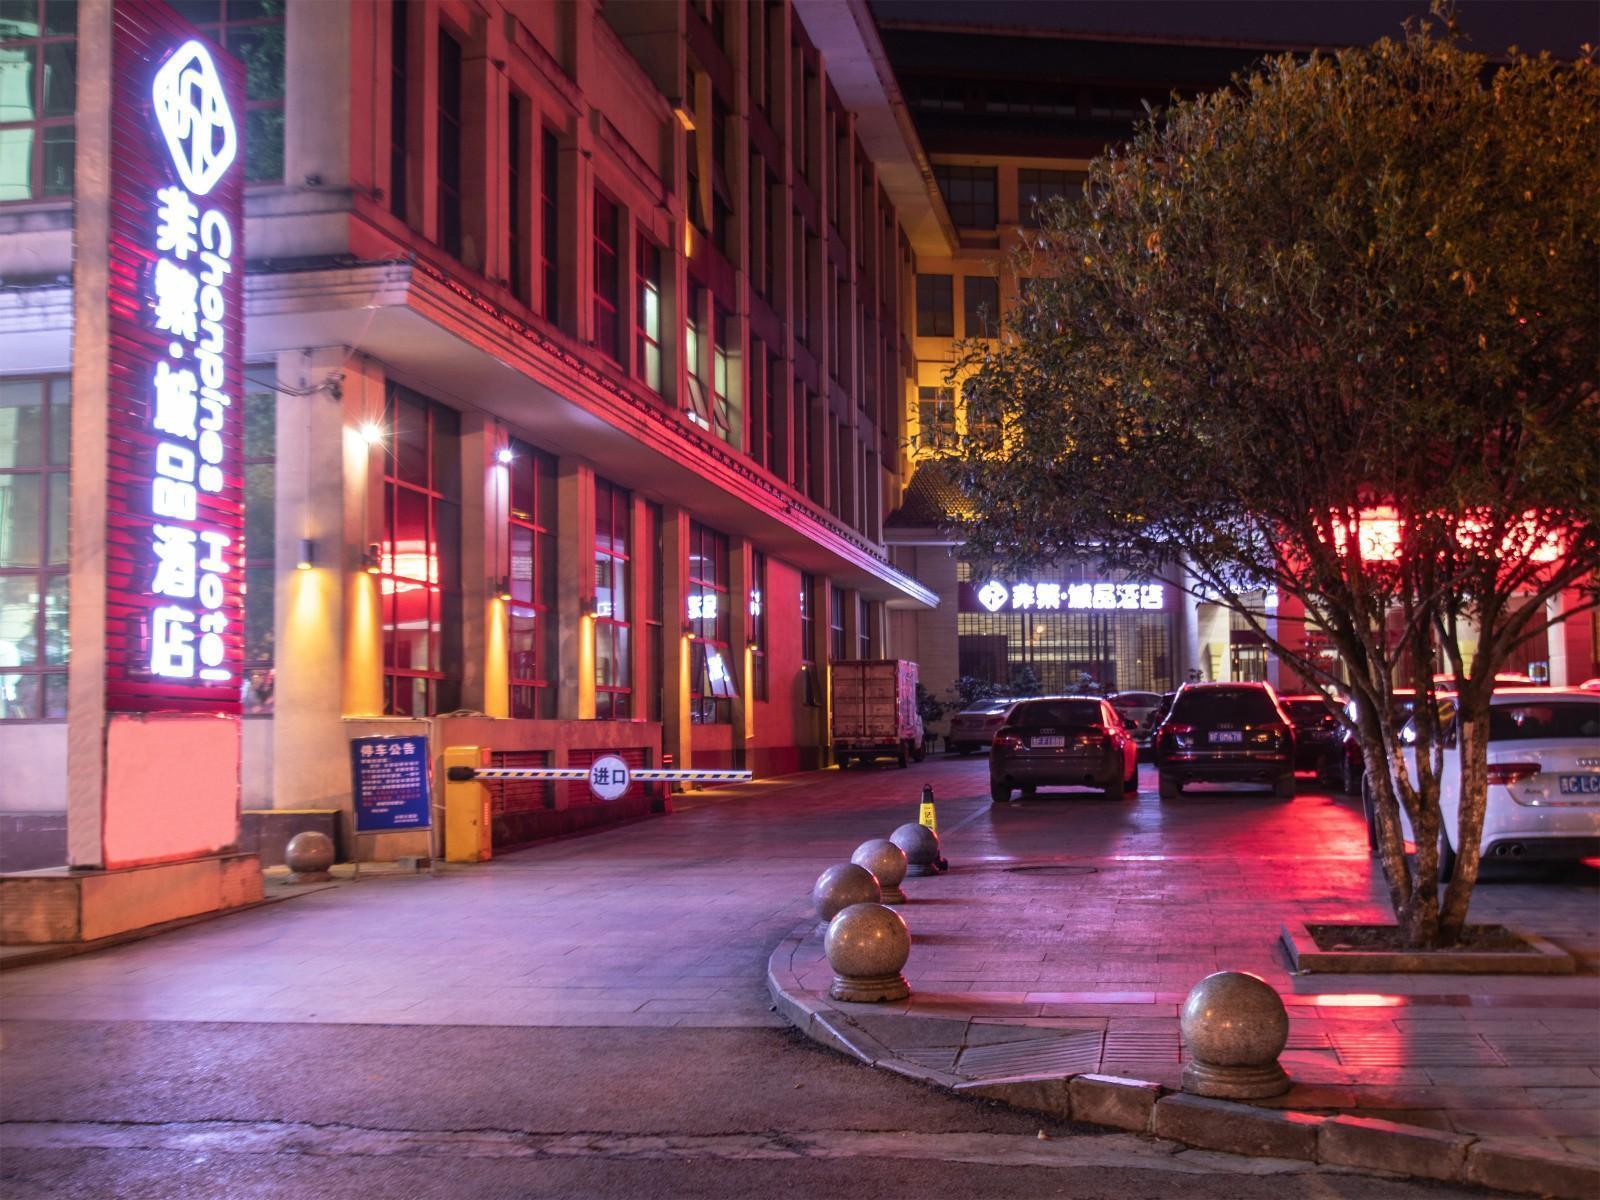 Chonpines Hotels·Qianxi Shuixi, Bijie